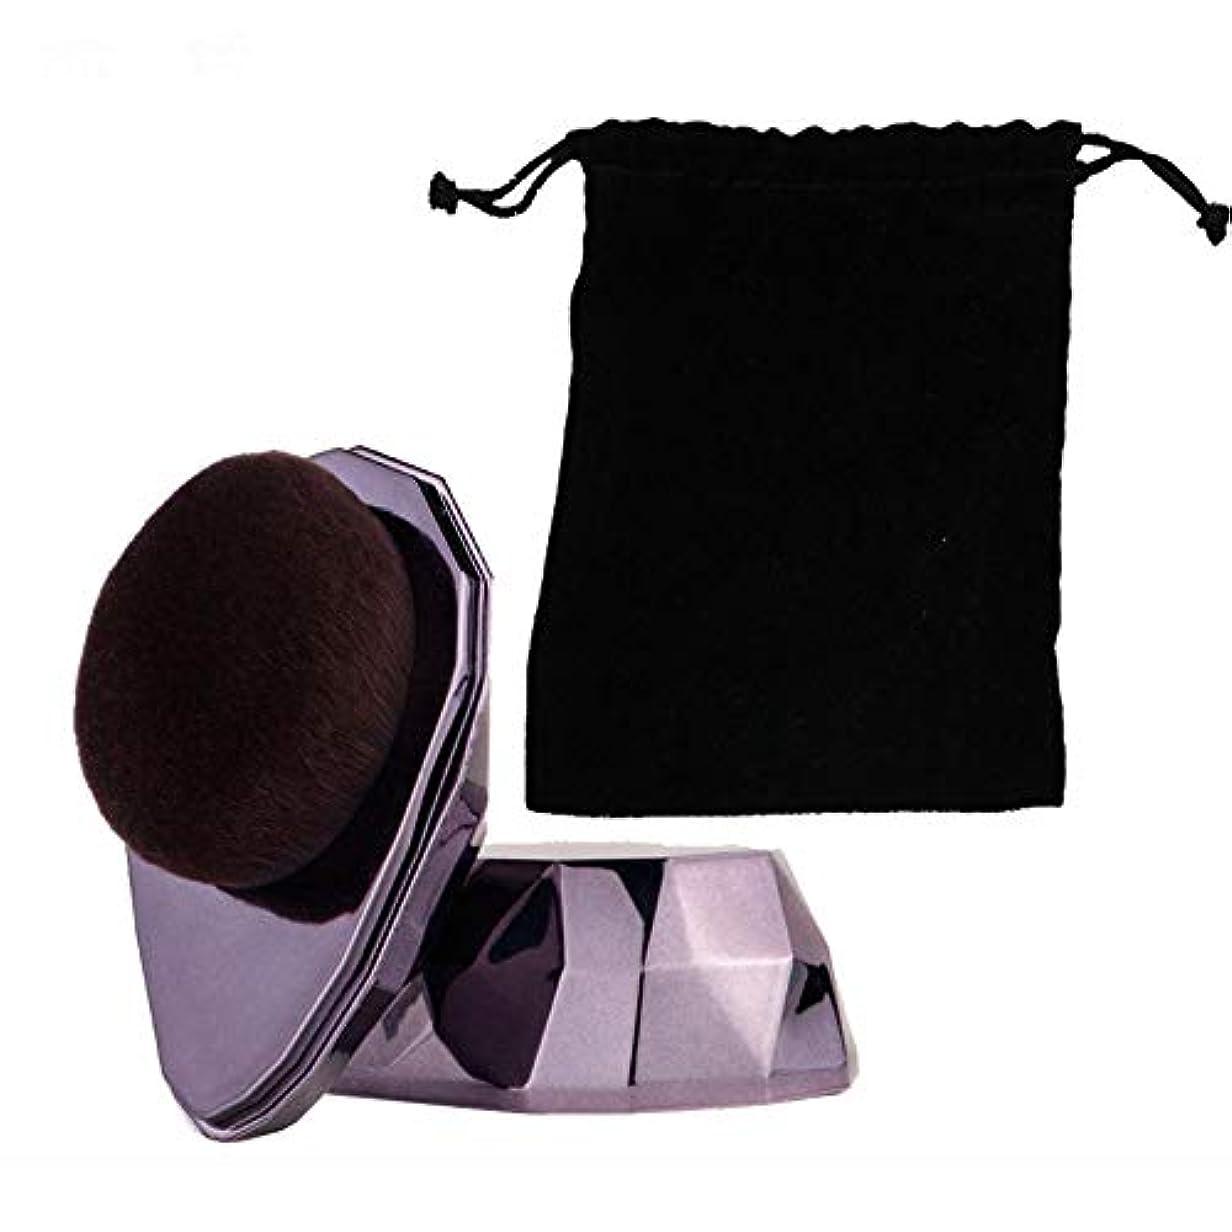 お香の前で聖なるCikoume 高級メイクブラシ 多機能ファンデーションブラシ 化粧筆 肌に優しい フェイスブラシ 化粧道具 携帯用 BBクリームブラシ 収納ポーチ付き